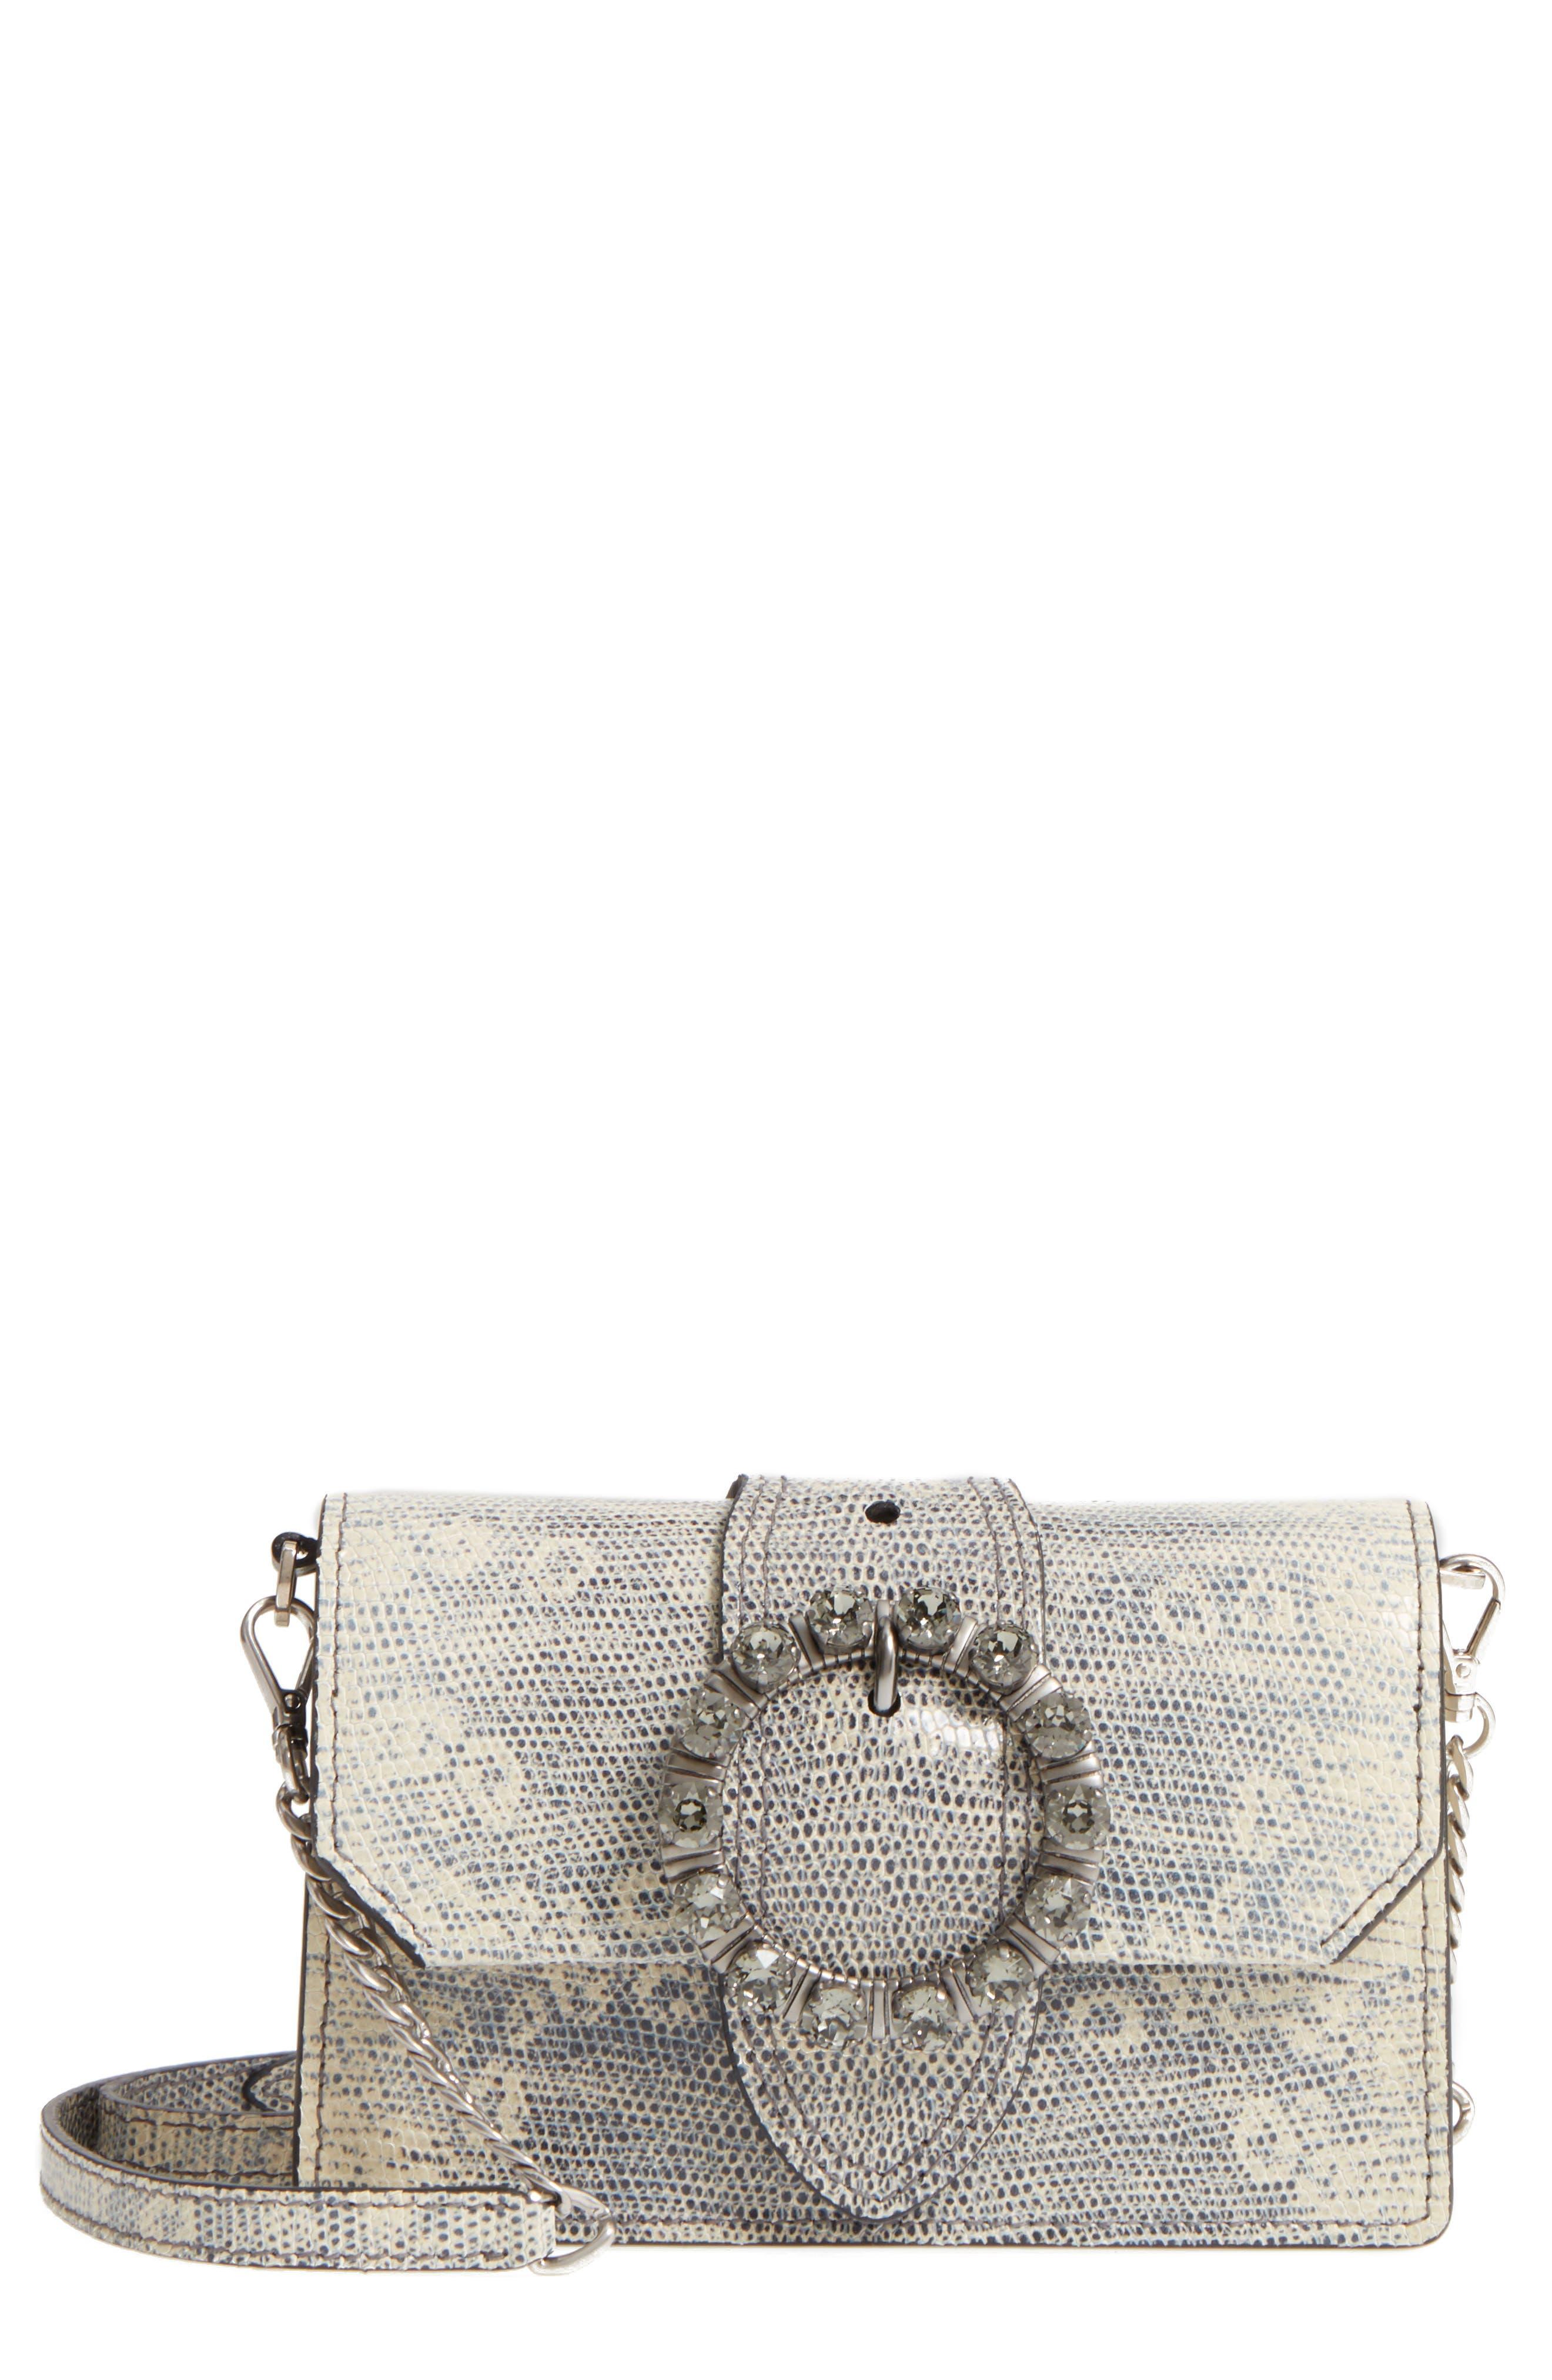 Alternate Image 1 Selected - Miu Miu Lizard Embossed Leather Crossbody Bag